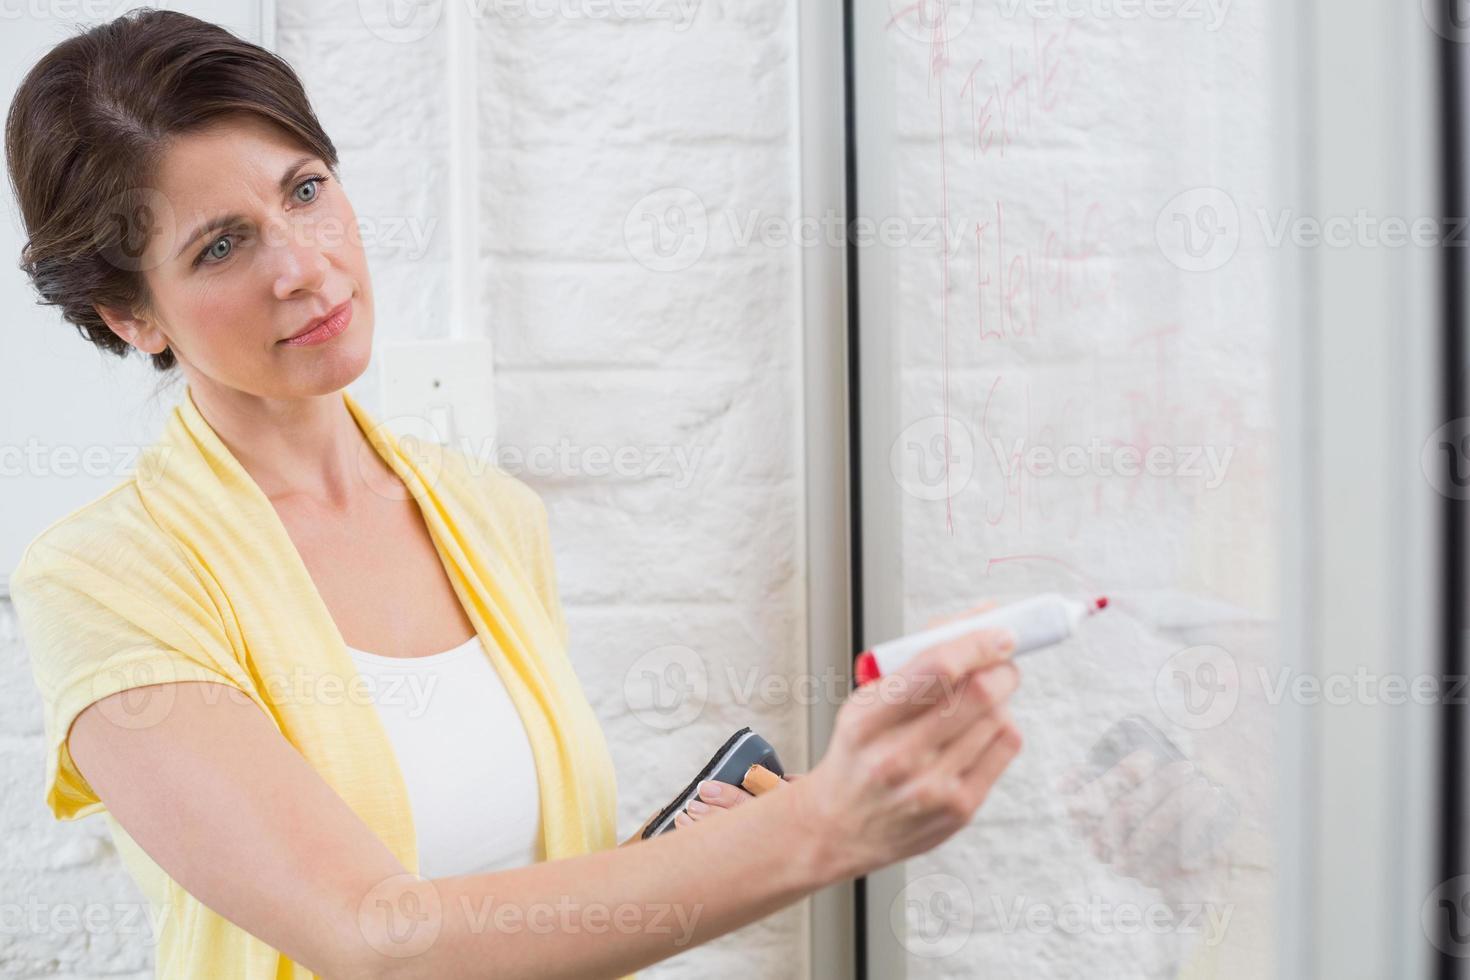 affärskvinna som håller en markör och skriver något foto